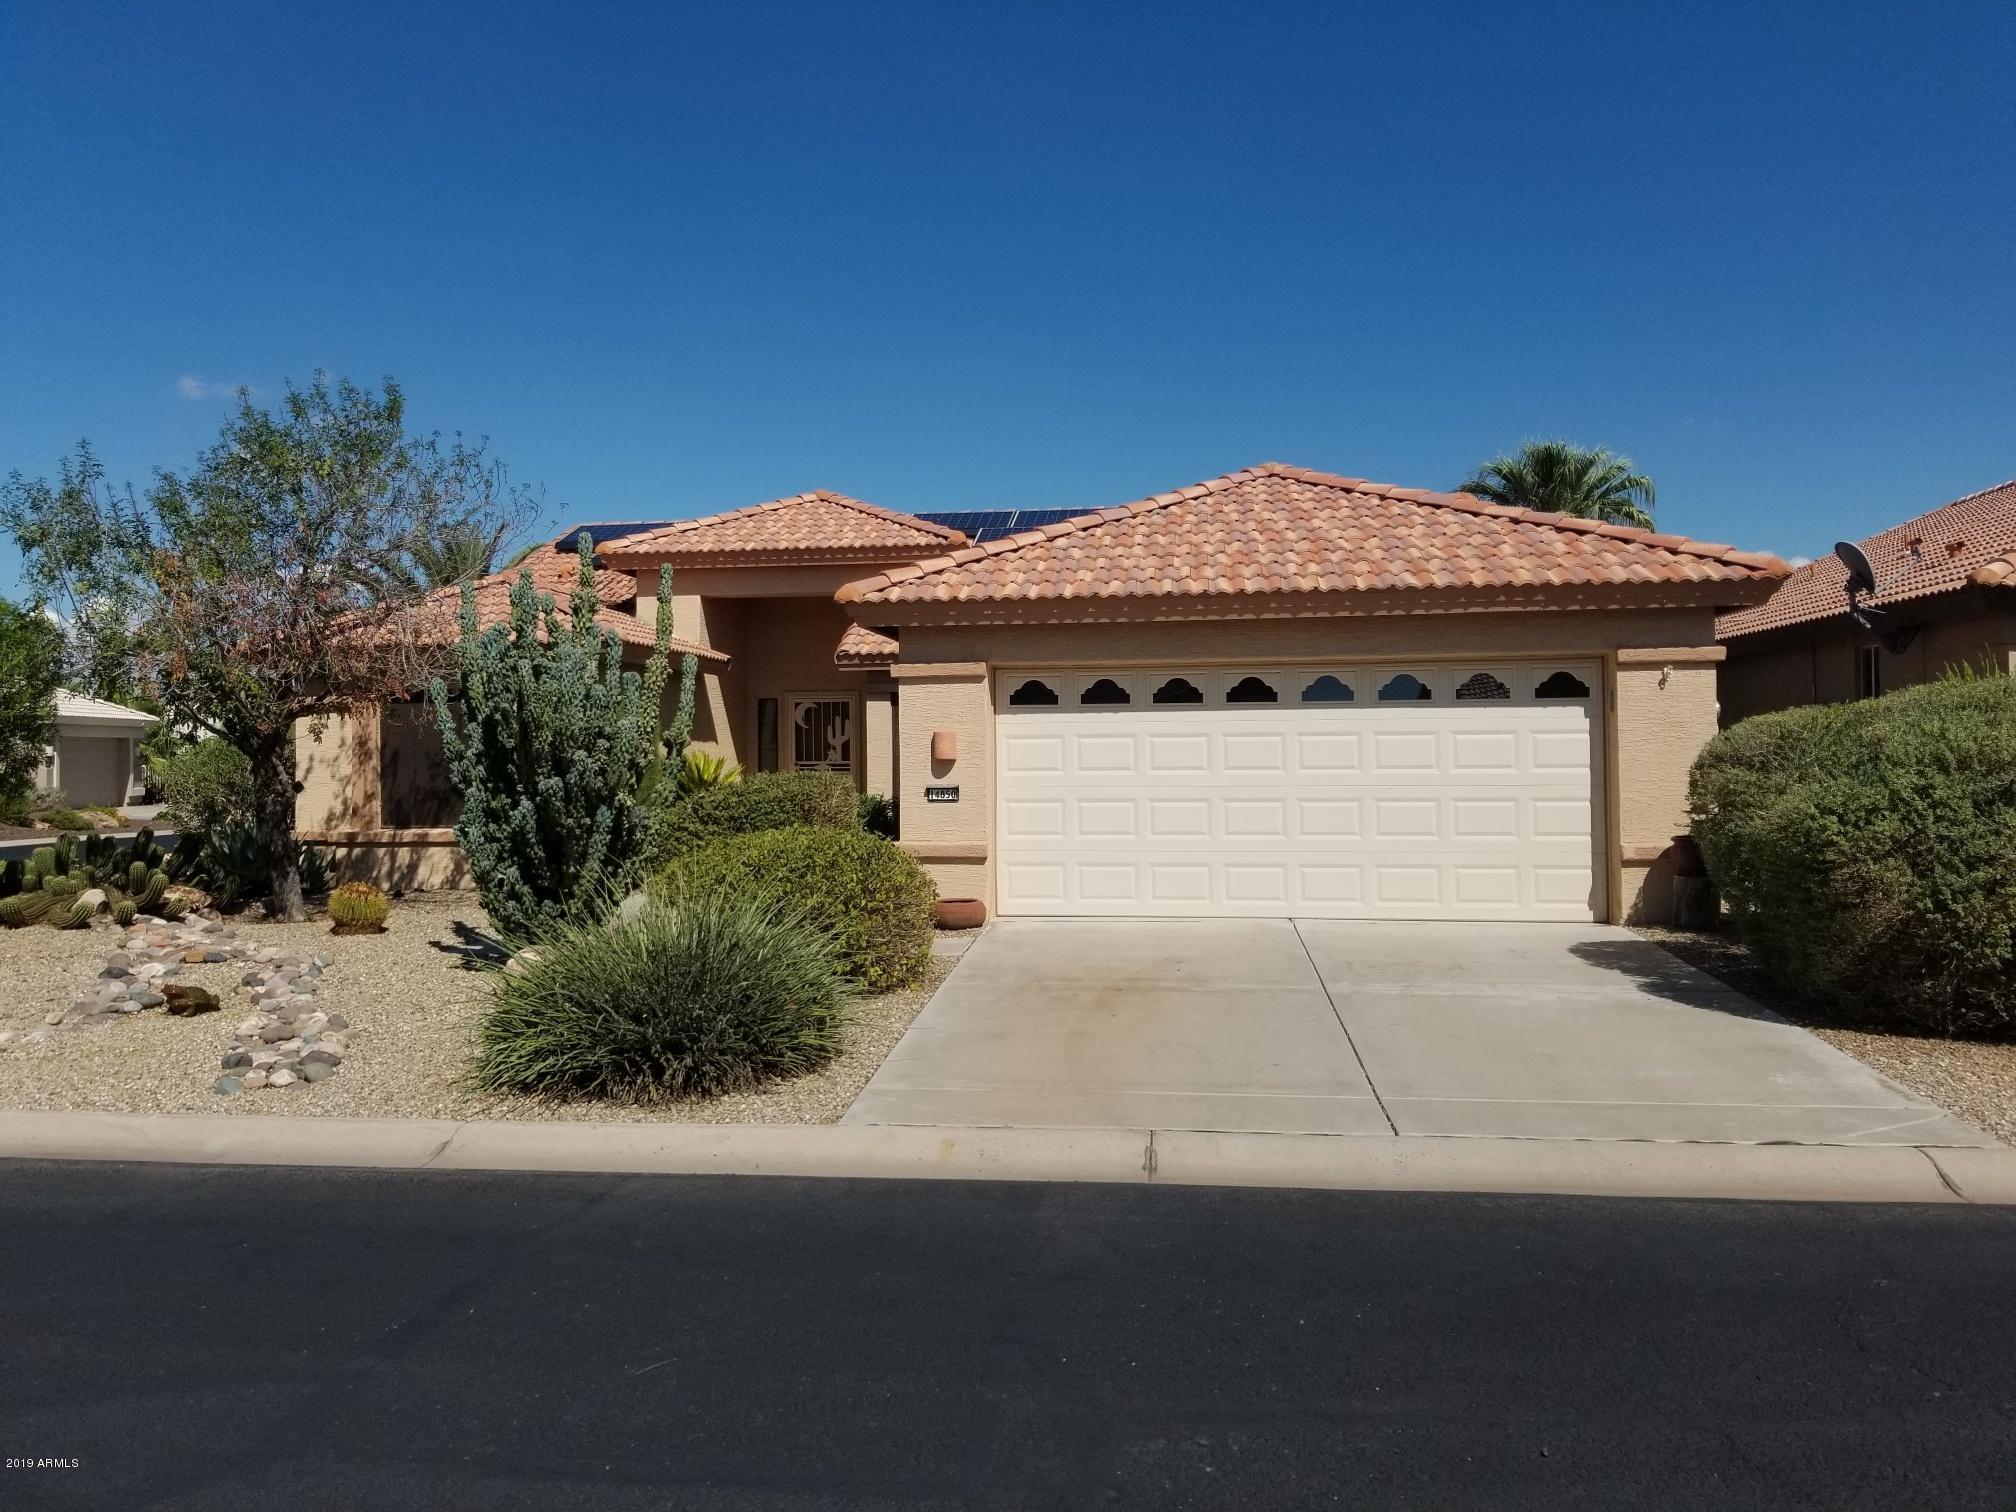 Photo of 14850 W MERRELL Street, Goodyear, AZ 85395